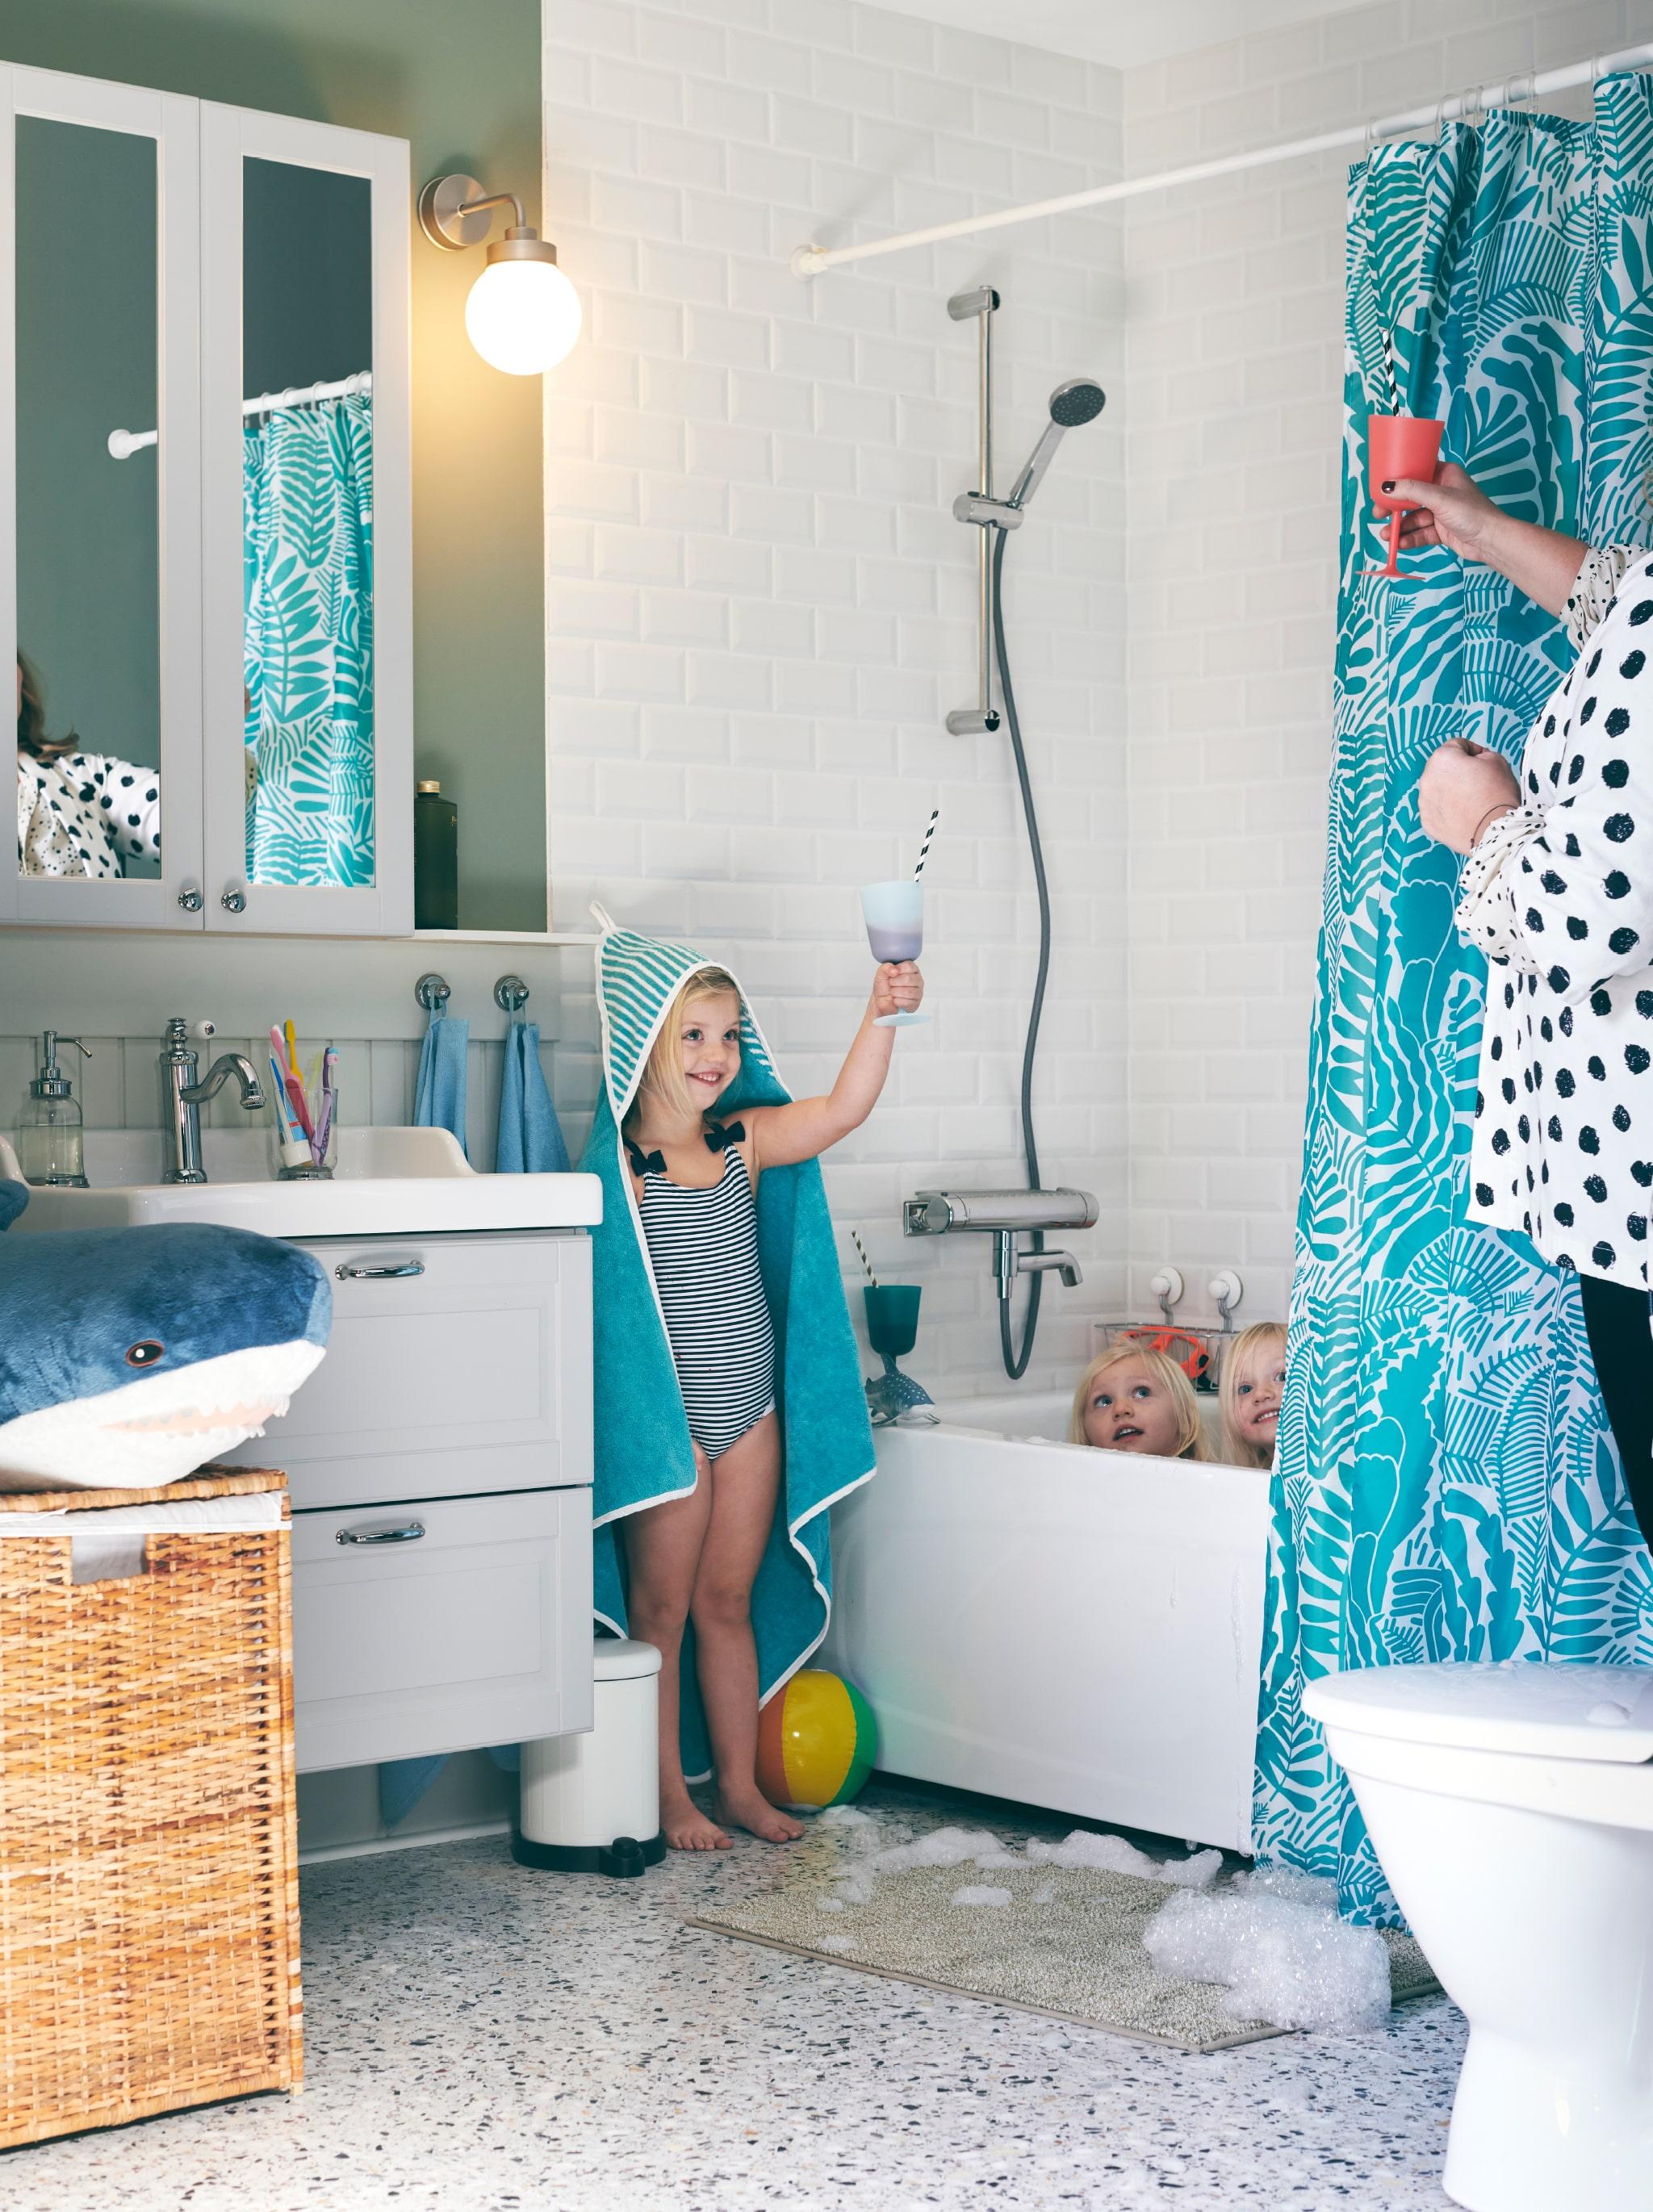 Kamar mandi dengan tiga anak perempuan di dalamnya. Salah satu dari mereka, terbungkus handuk RÖRANDE, bersulang bersama ibunya.